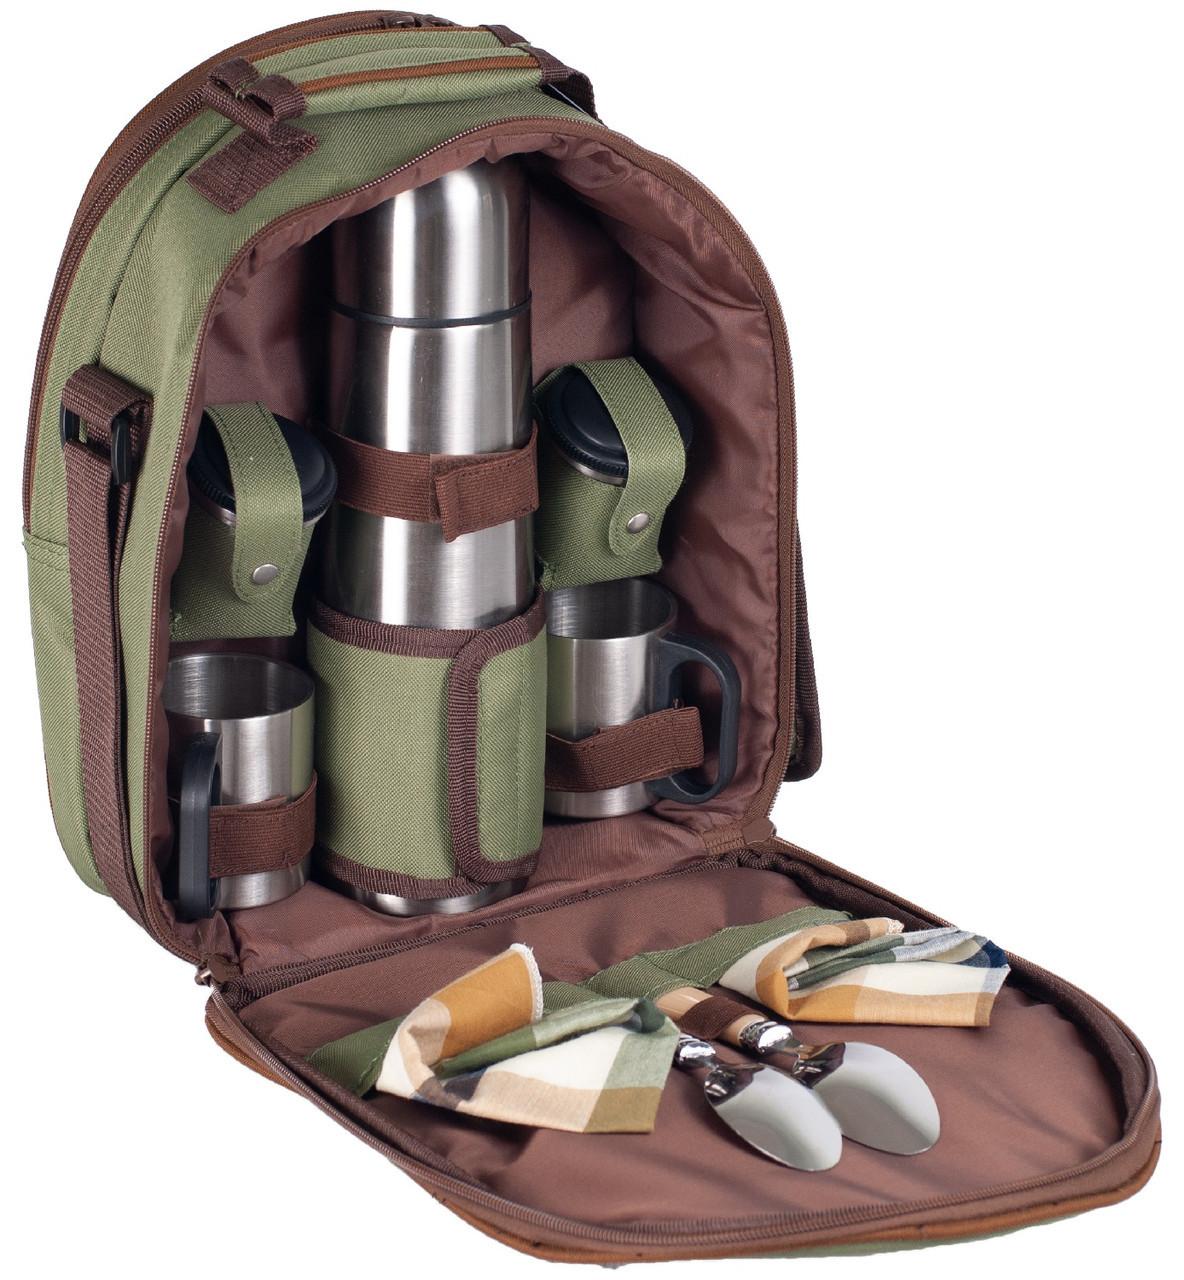 Набор для пикника с термосом на 2 персоны Ranger Compact (Арт. RA 9908)